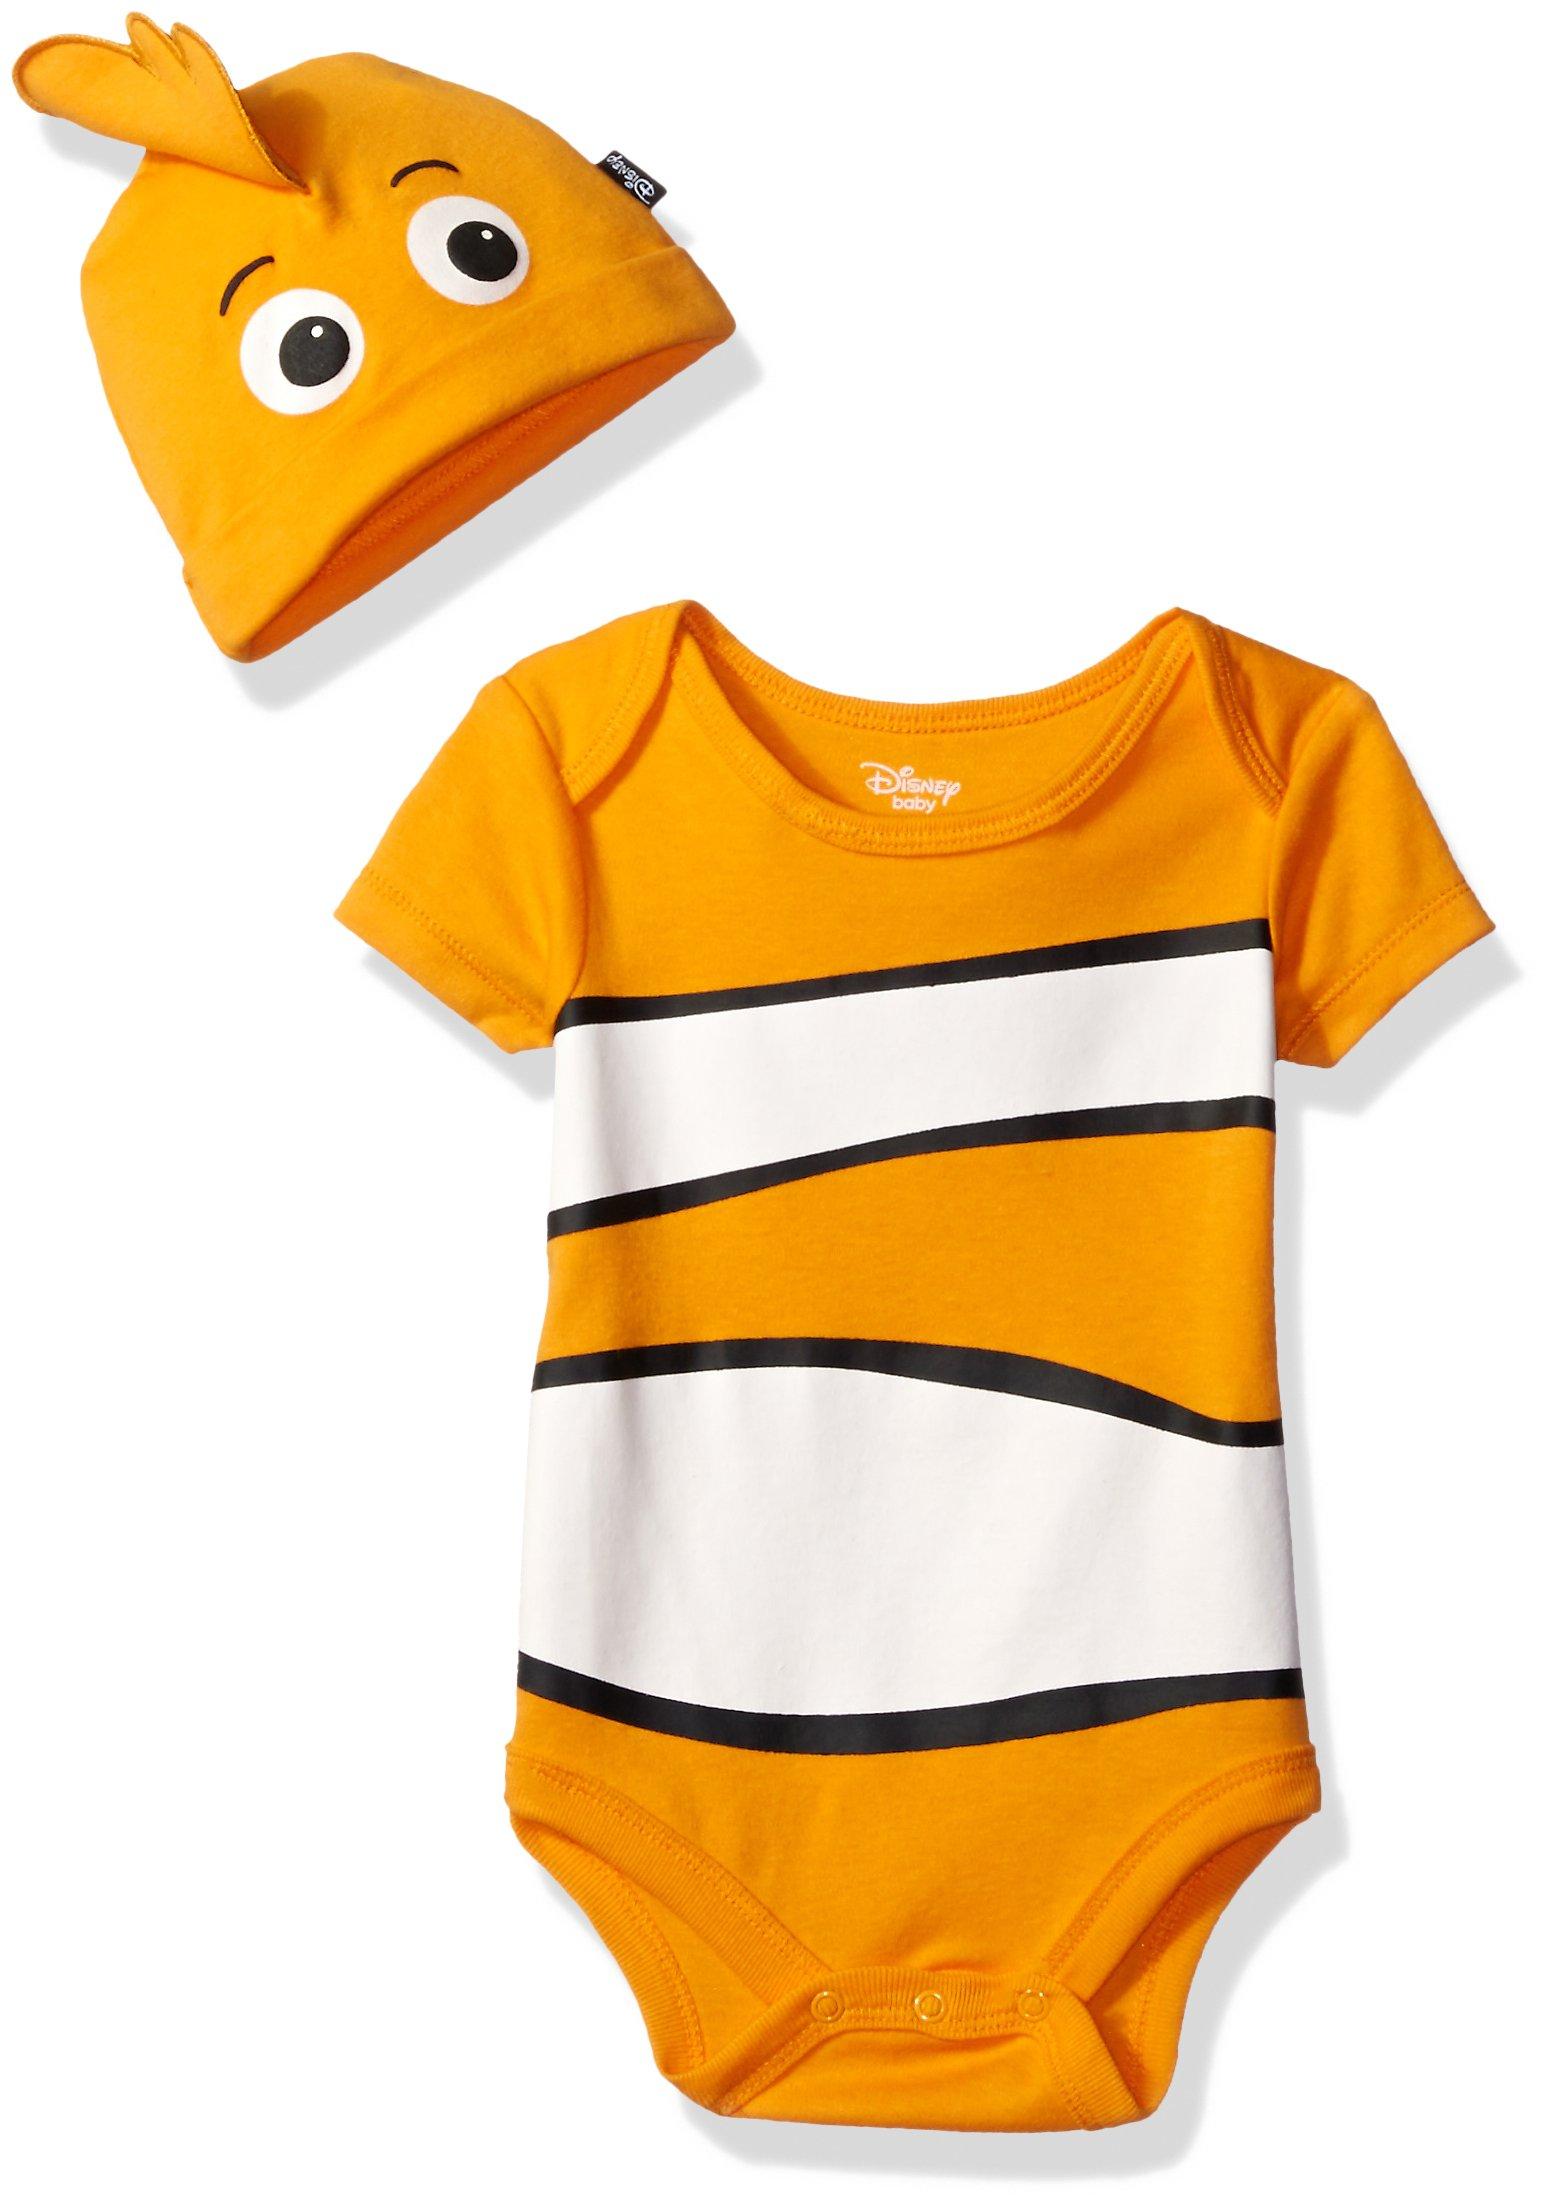 Disney Baby Boys' Finding Nemo Bodysuit with Cap Set, Orange, 3/6M